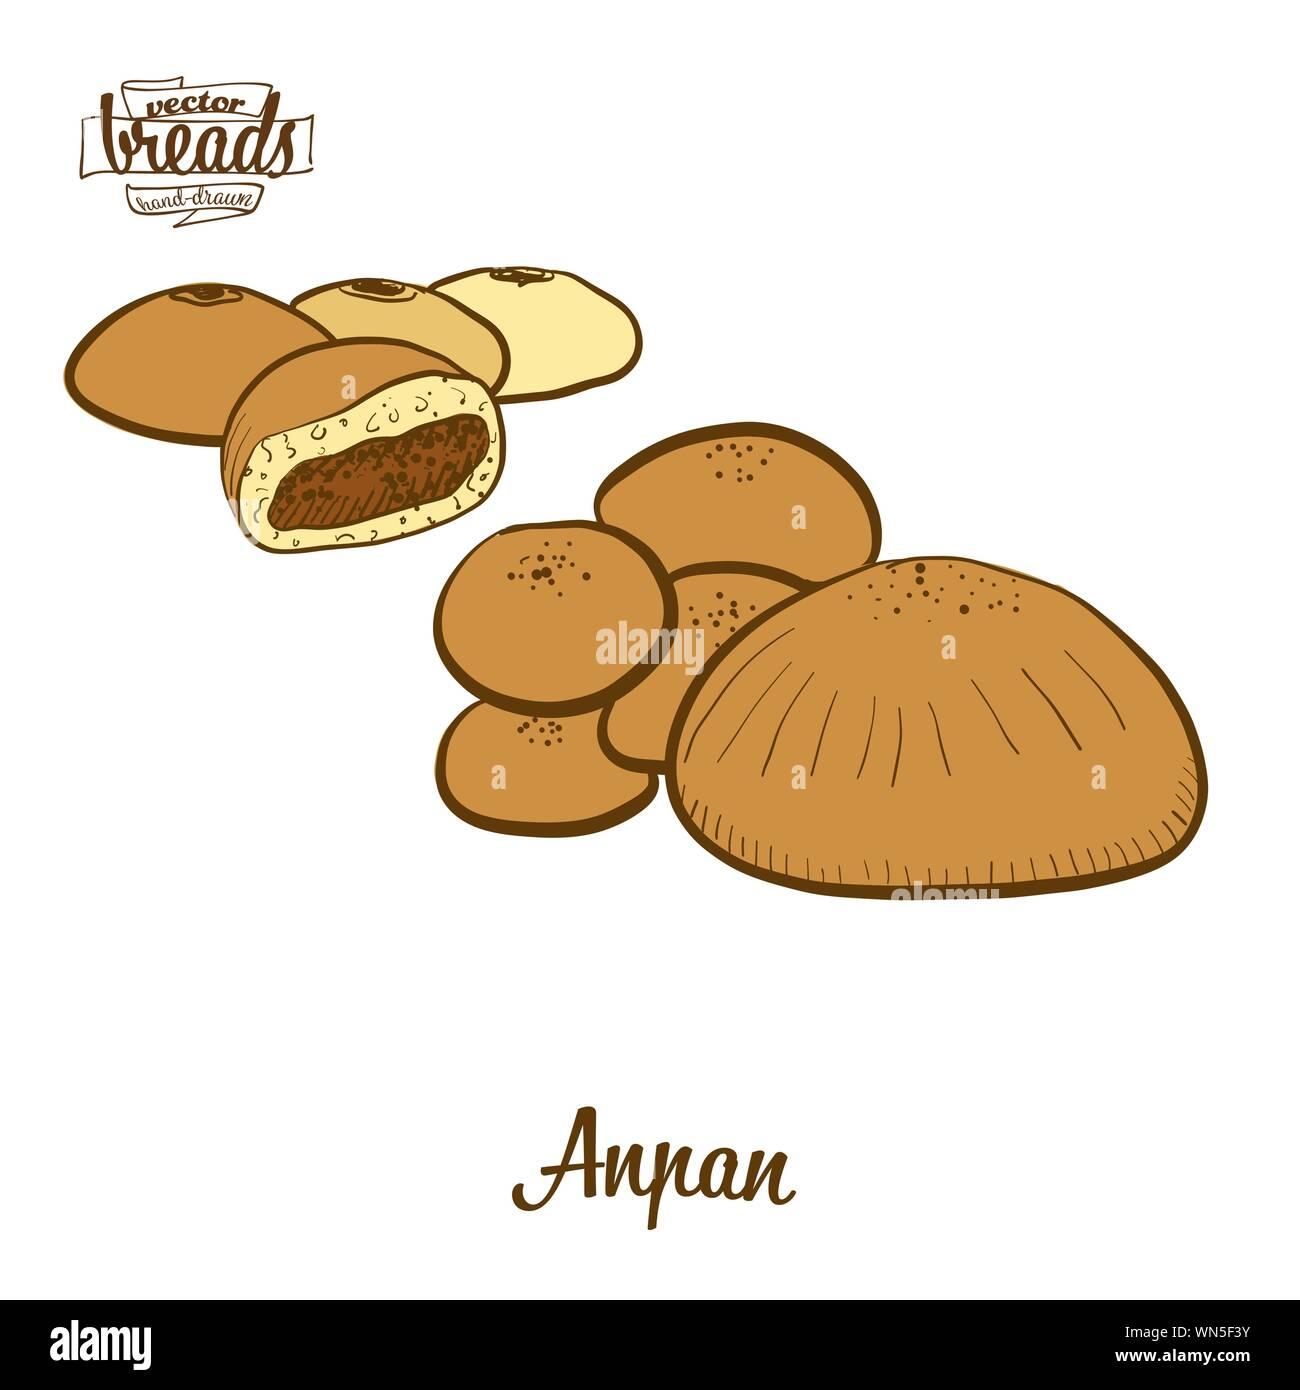 Color de dibujo Anpan pan. Ilustración vectorial de bollo dulce alimentos, generalmente conocido en Japón. Pan de color de bocetos. Ilustración del Vector